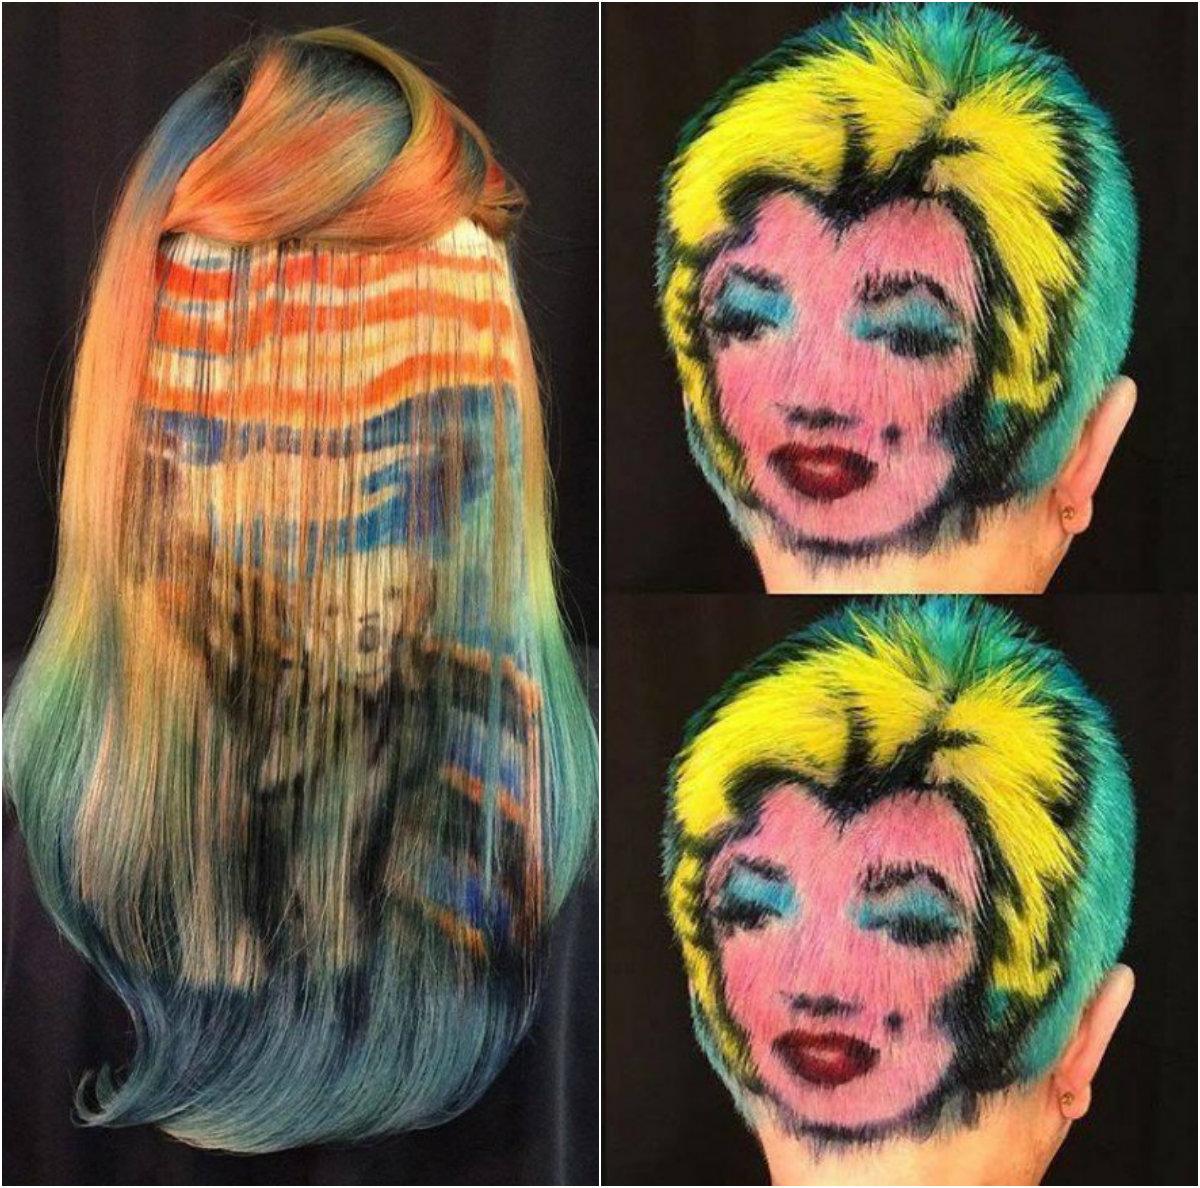 Класически картини върху косите. И това е изкуство!